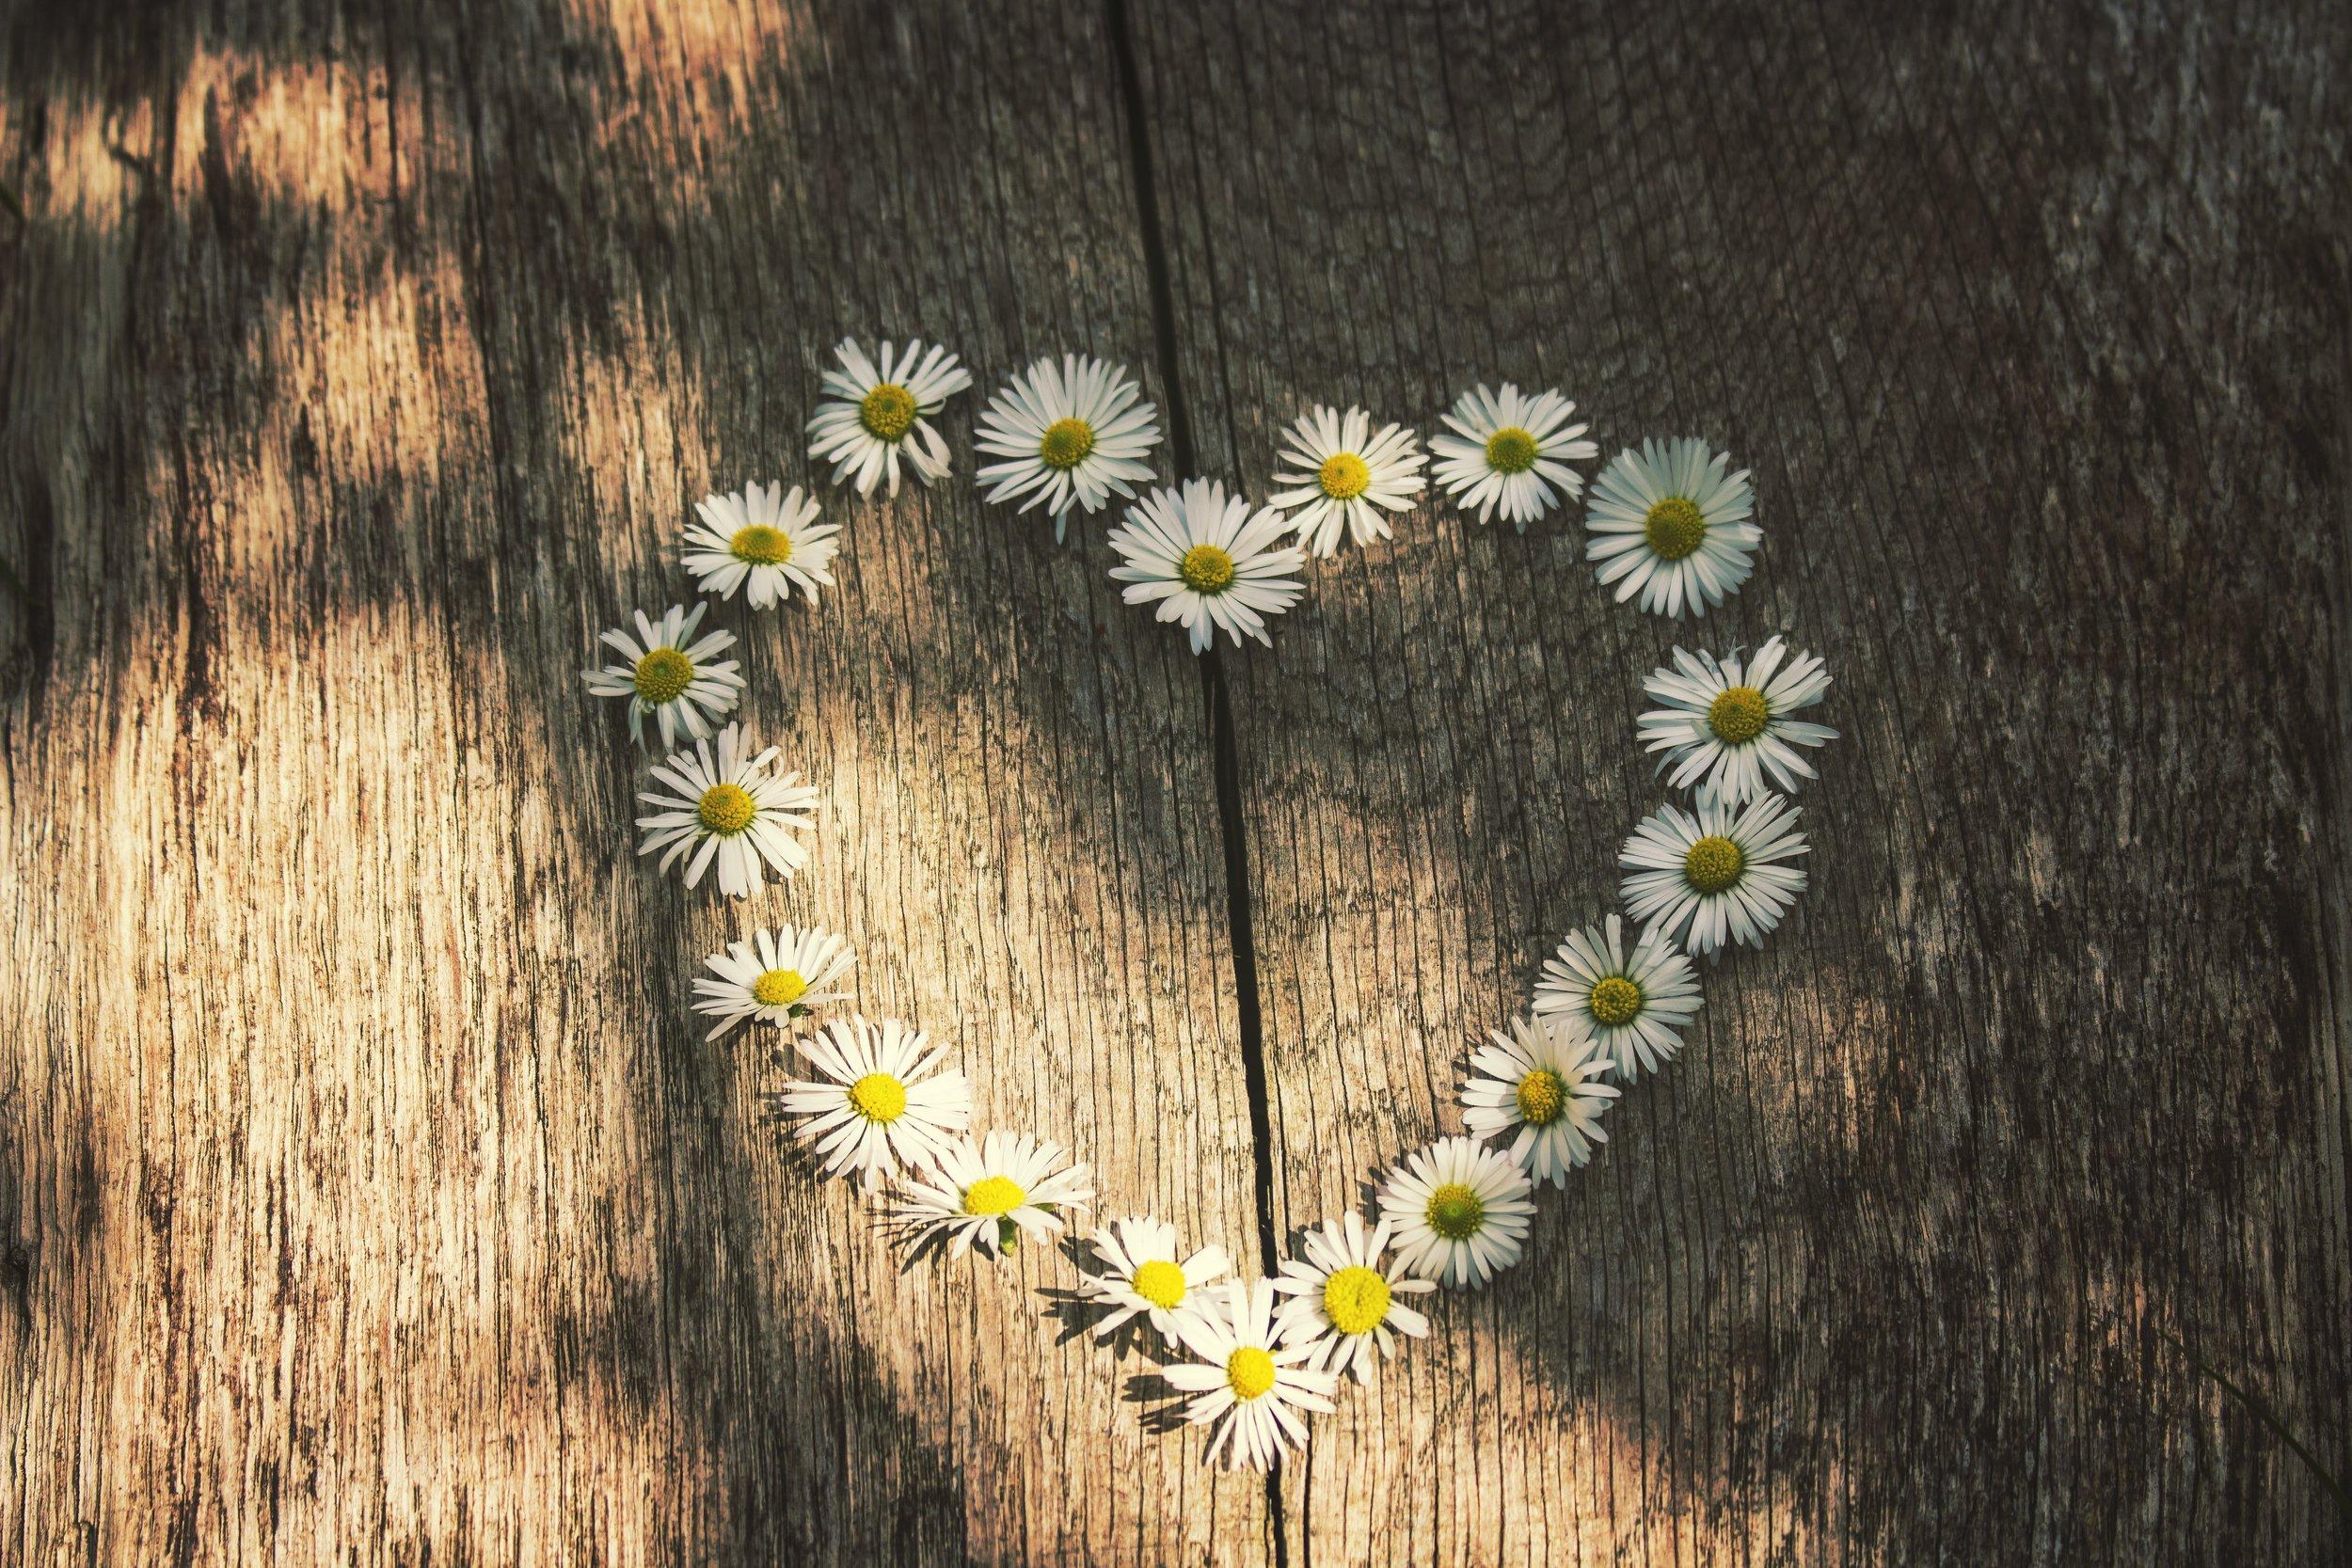 art-artistic-daisies-459375.jpg